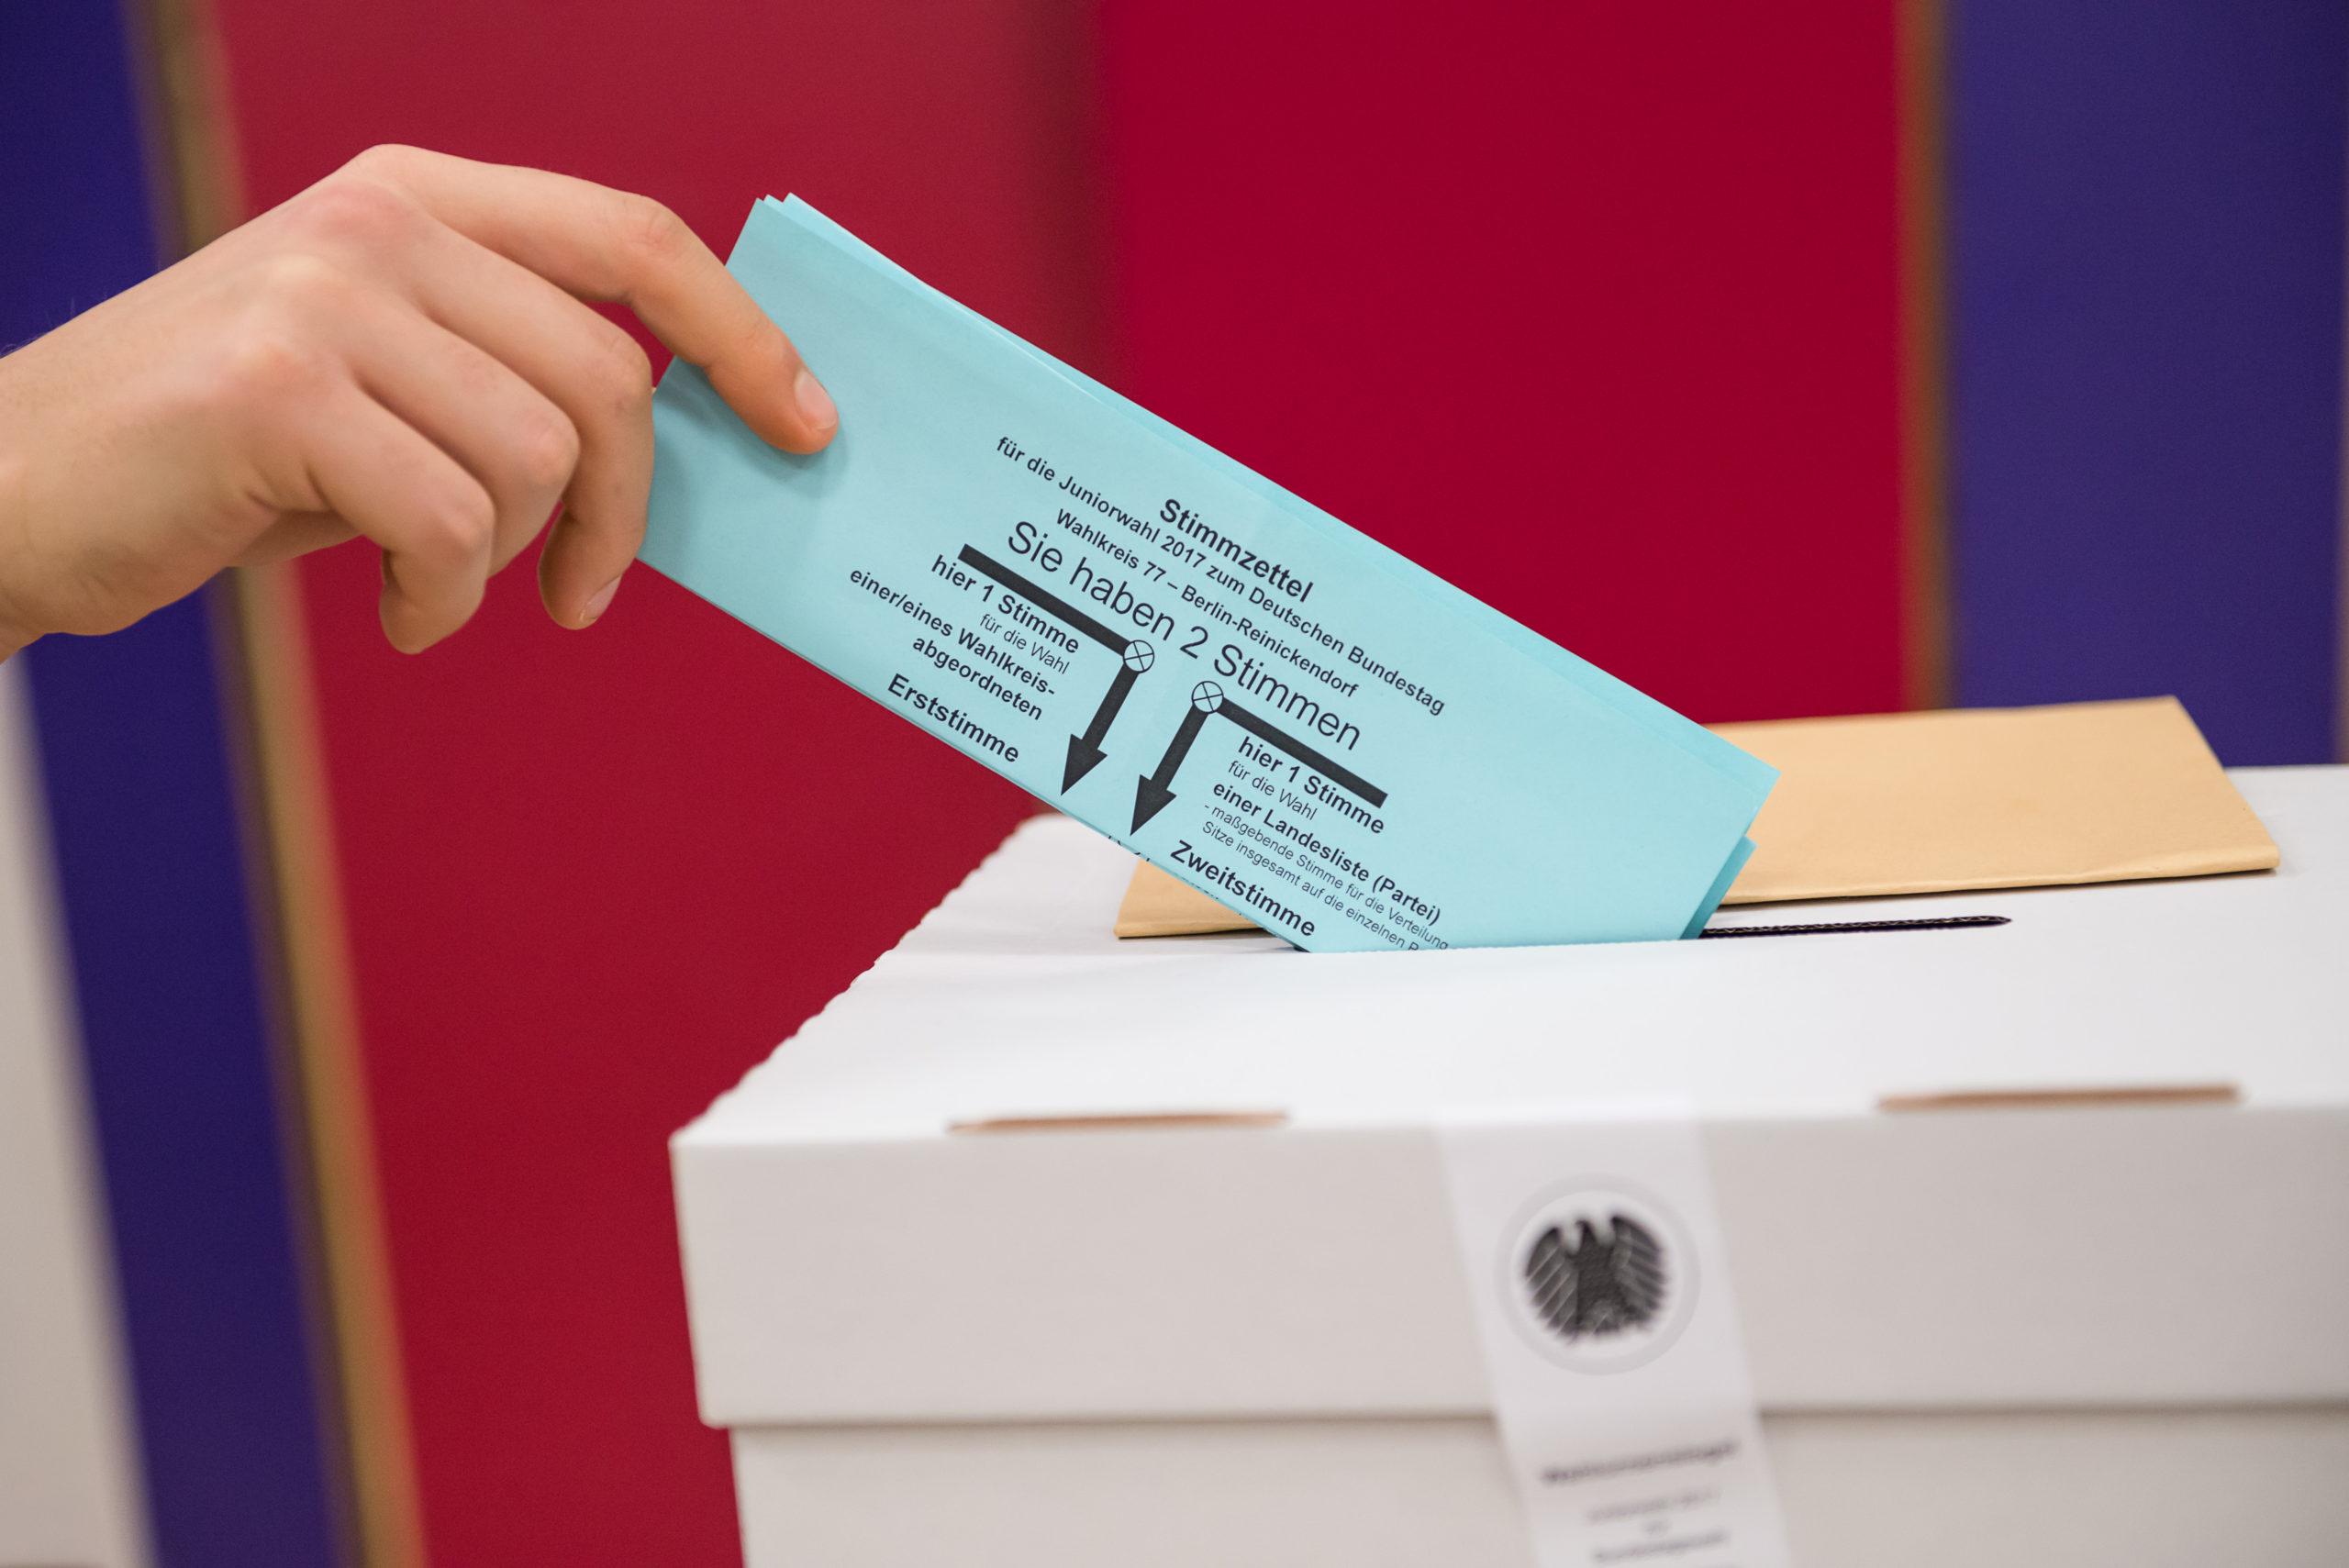 Demokratie üben: Die Juniorwahl